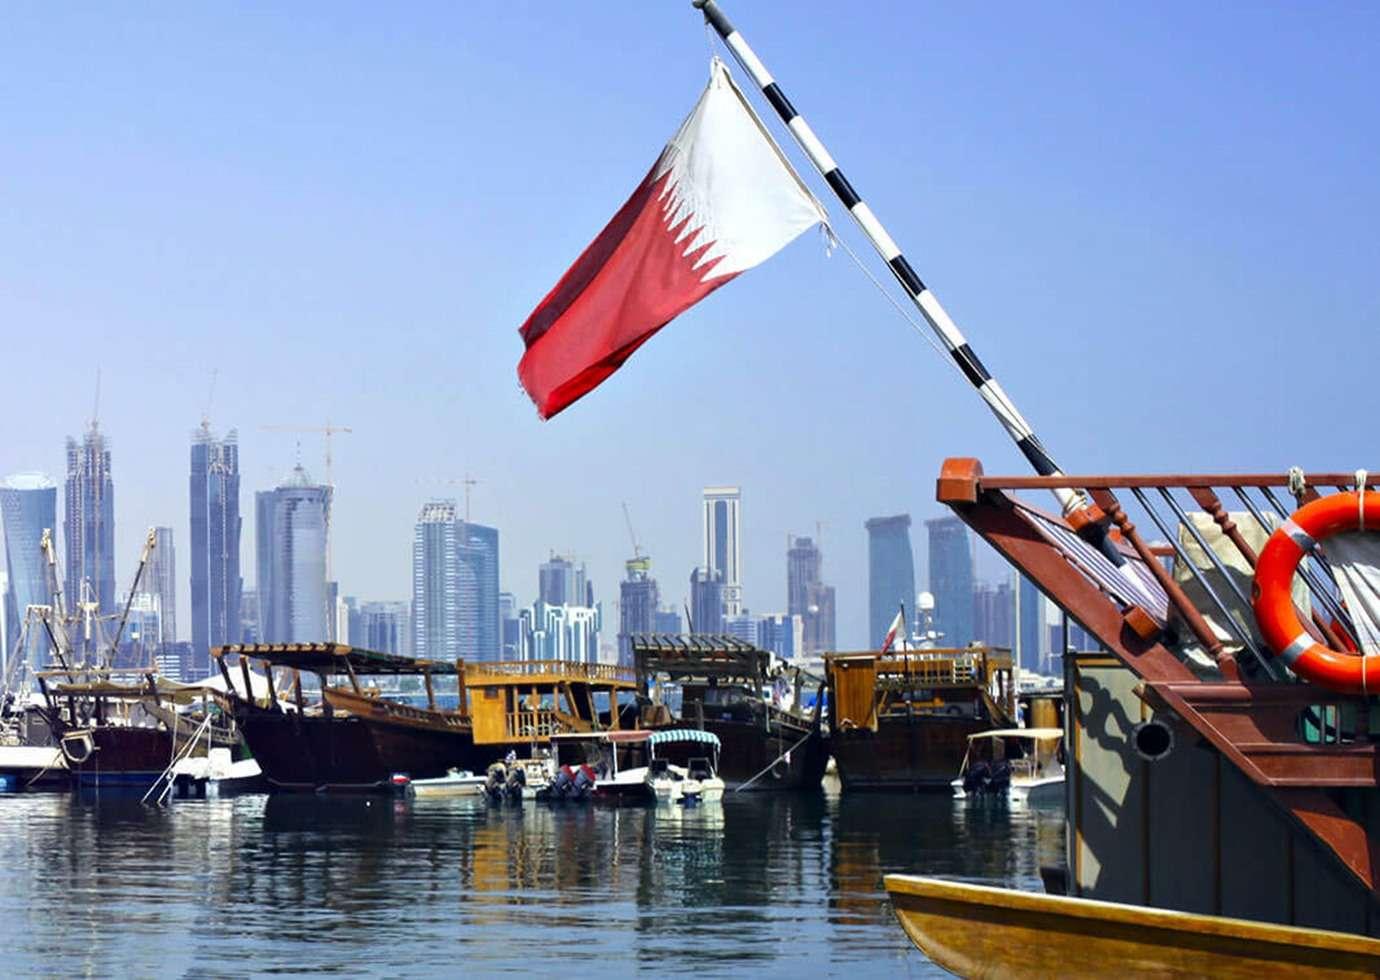 قطر: الإصلاحات يجب أن تشمل الحق في التجمع وتكوين الجمعيات